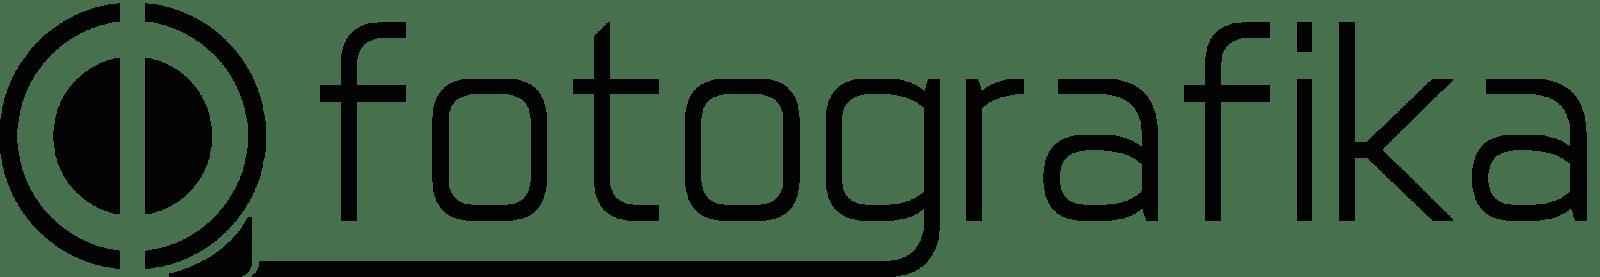 Логотип Фотографика